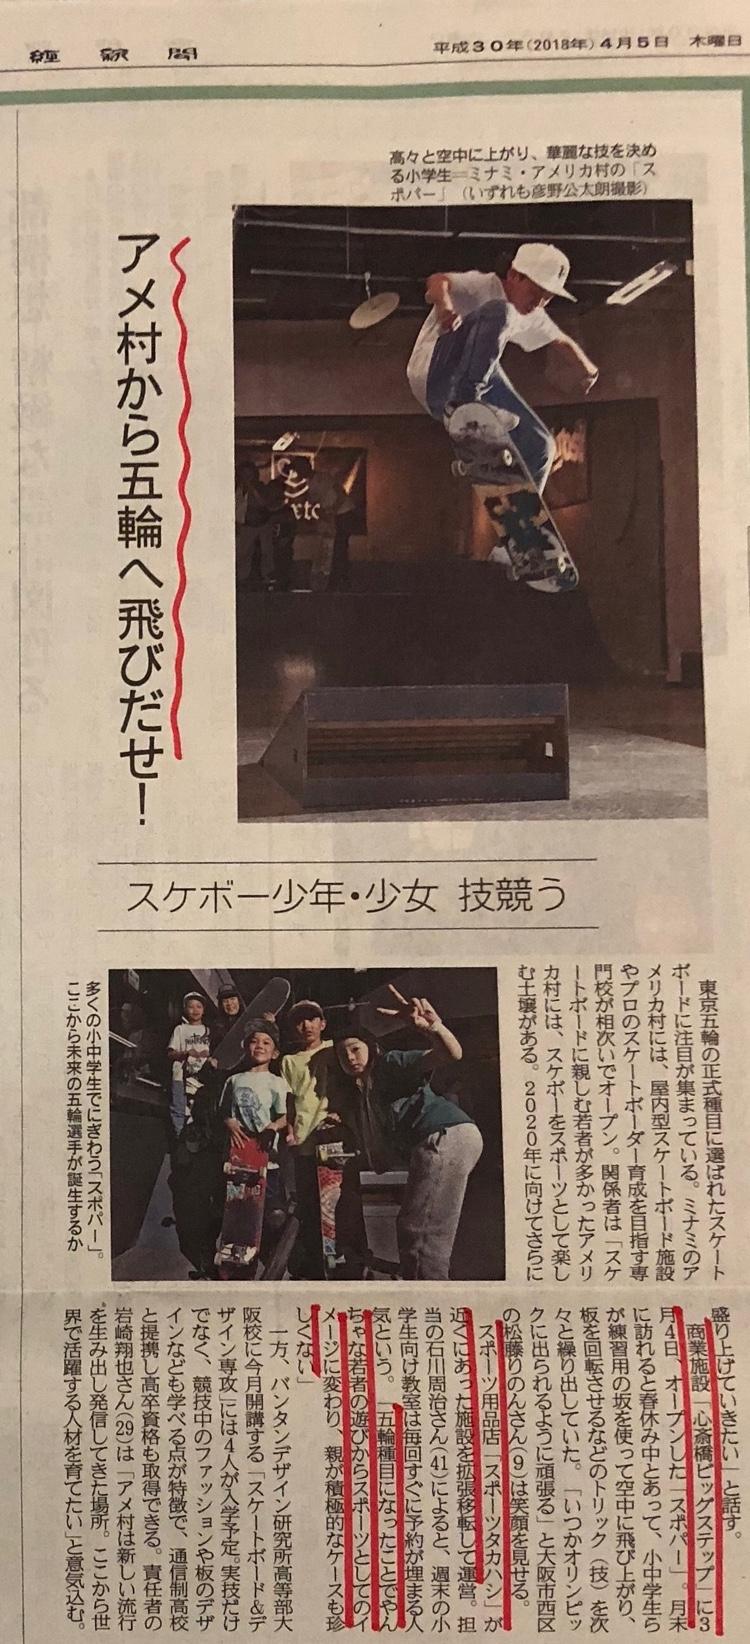 産経新聞の記事にスポパーが載りました!